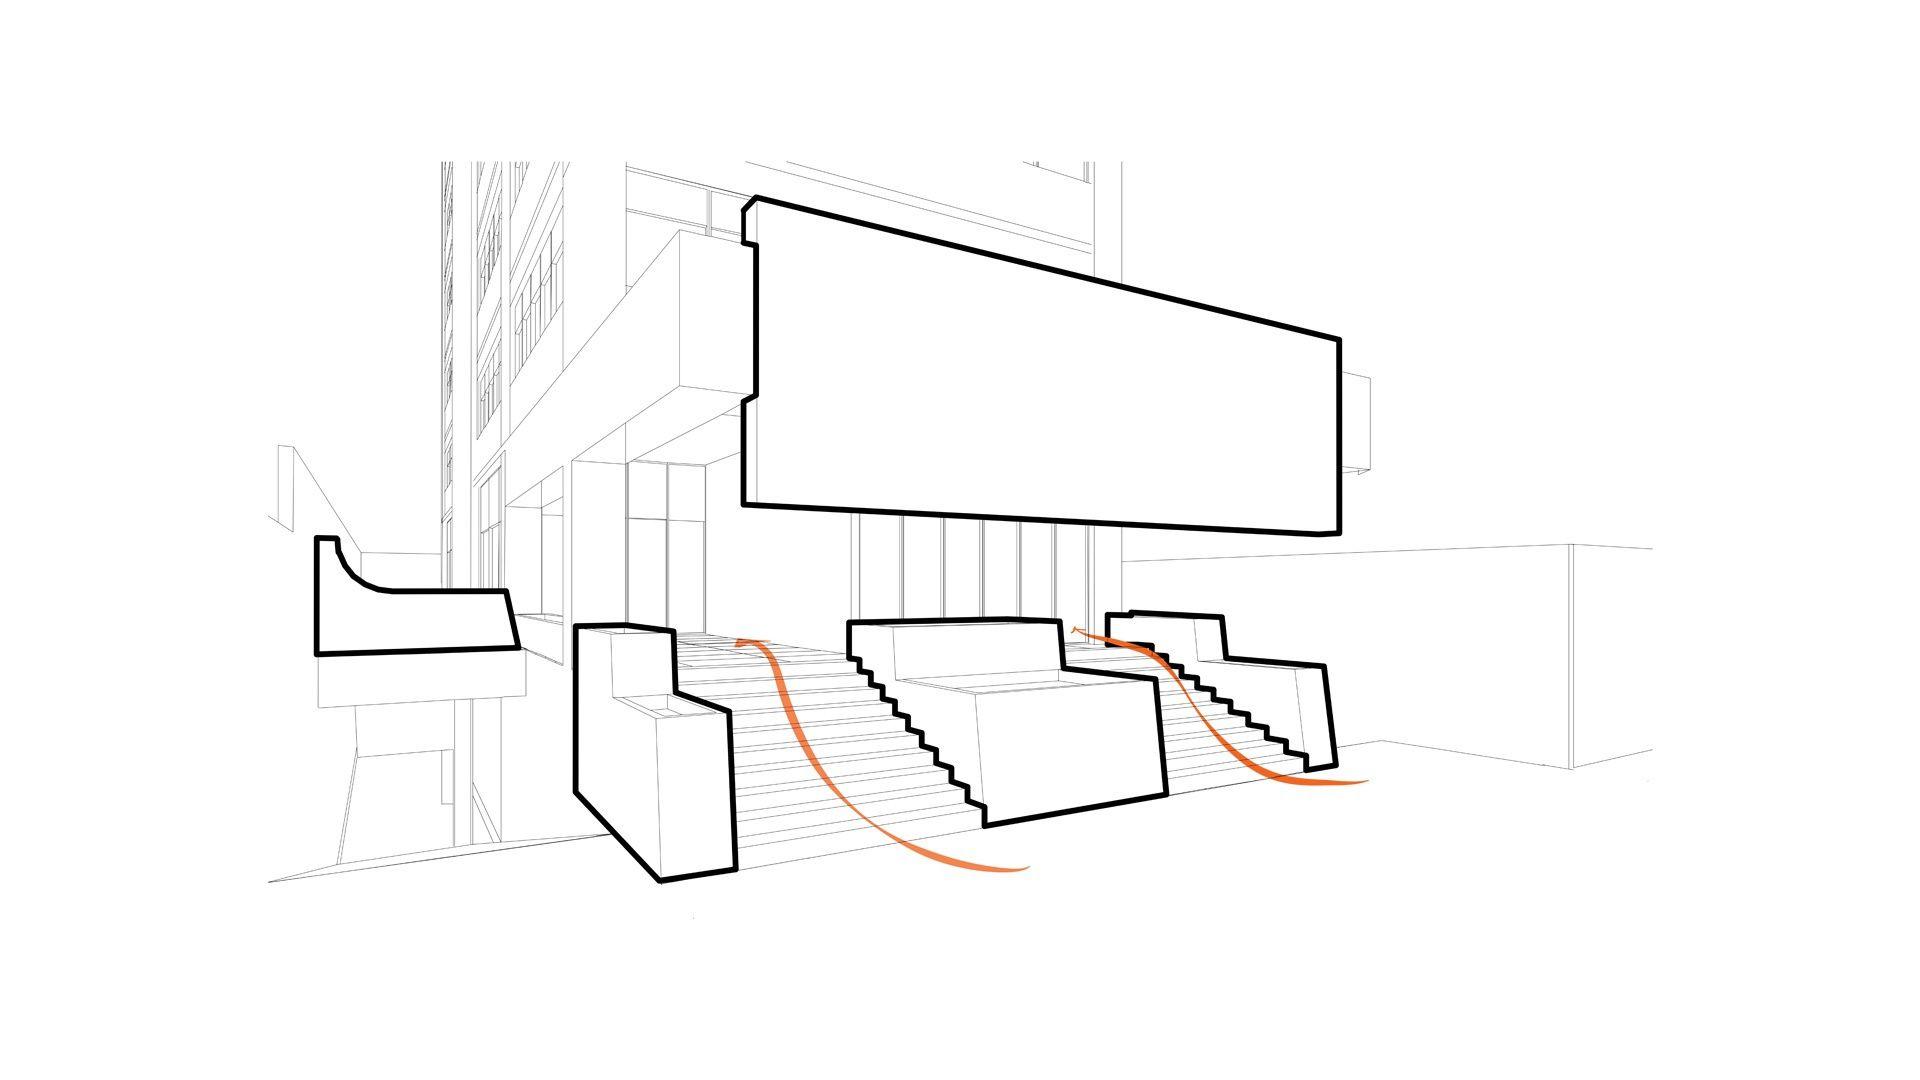 haddock-lobo-diagrama-existente